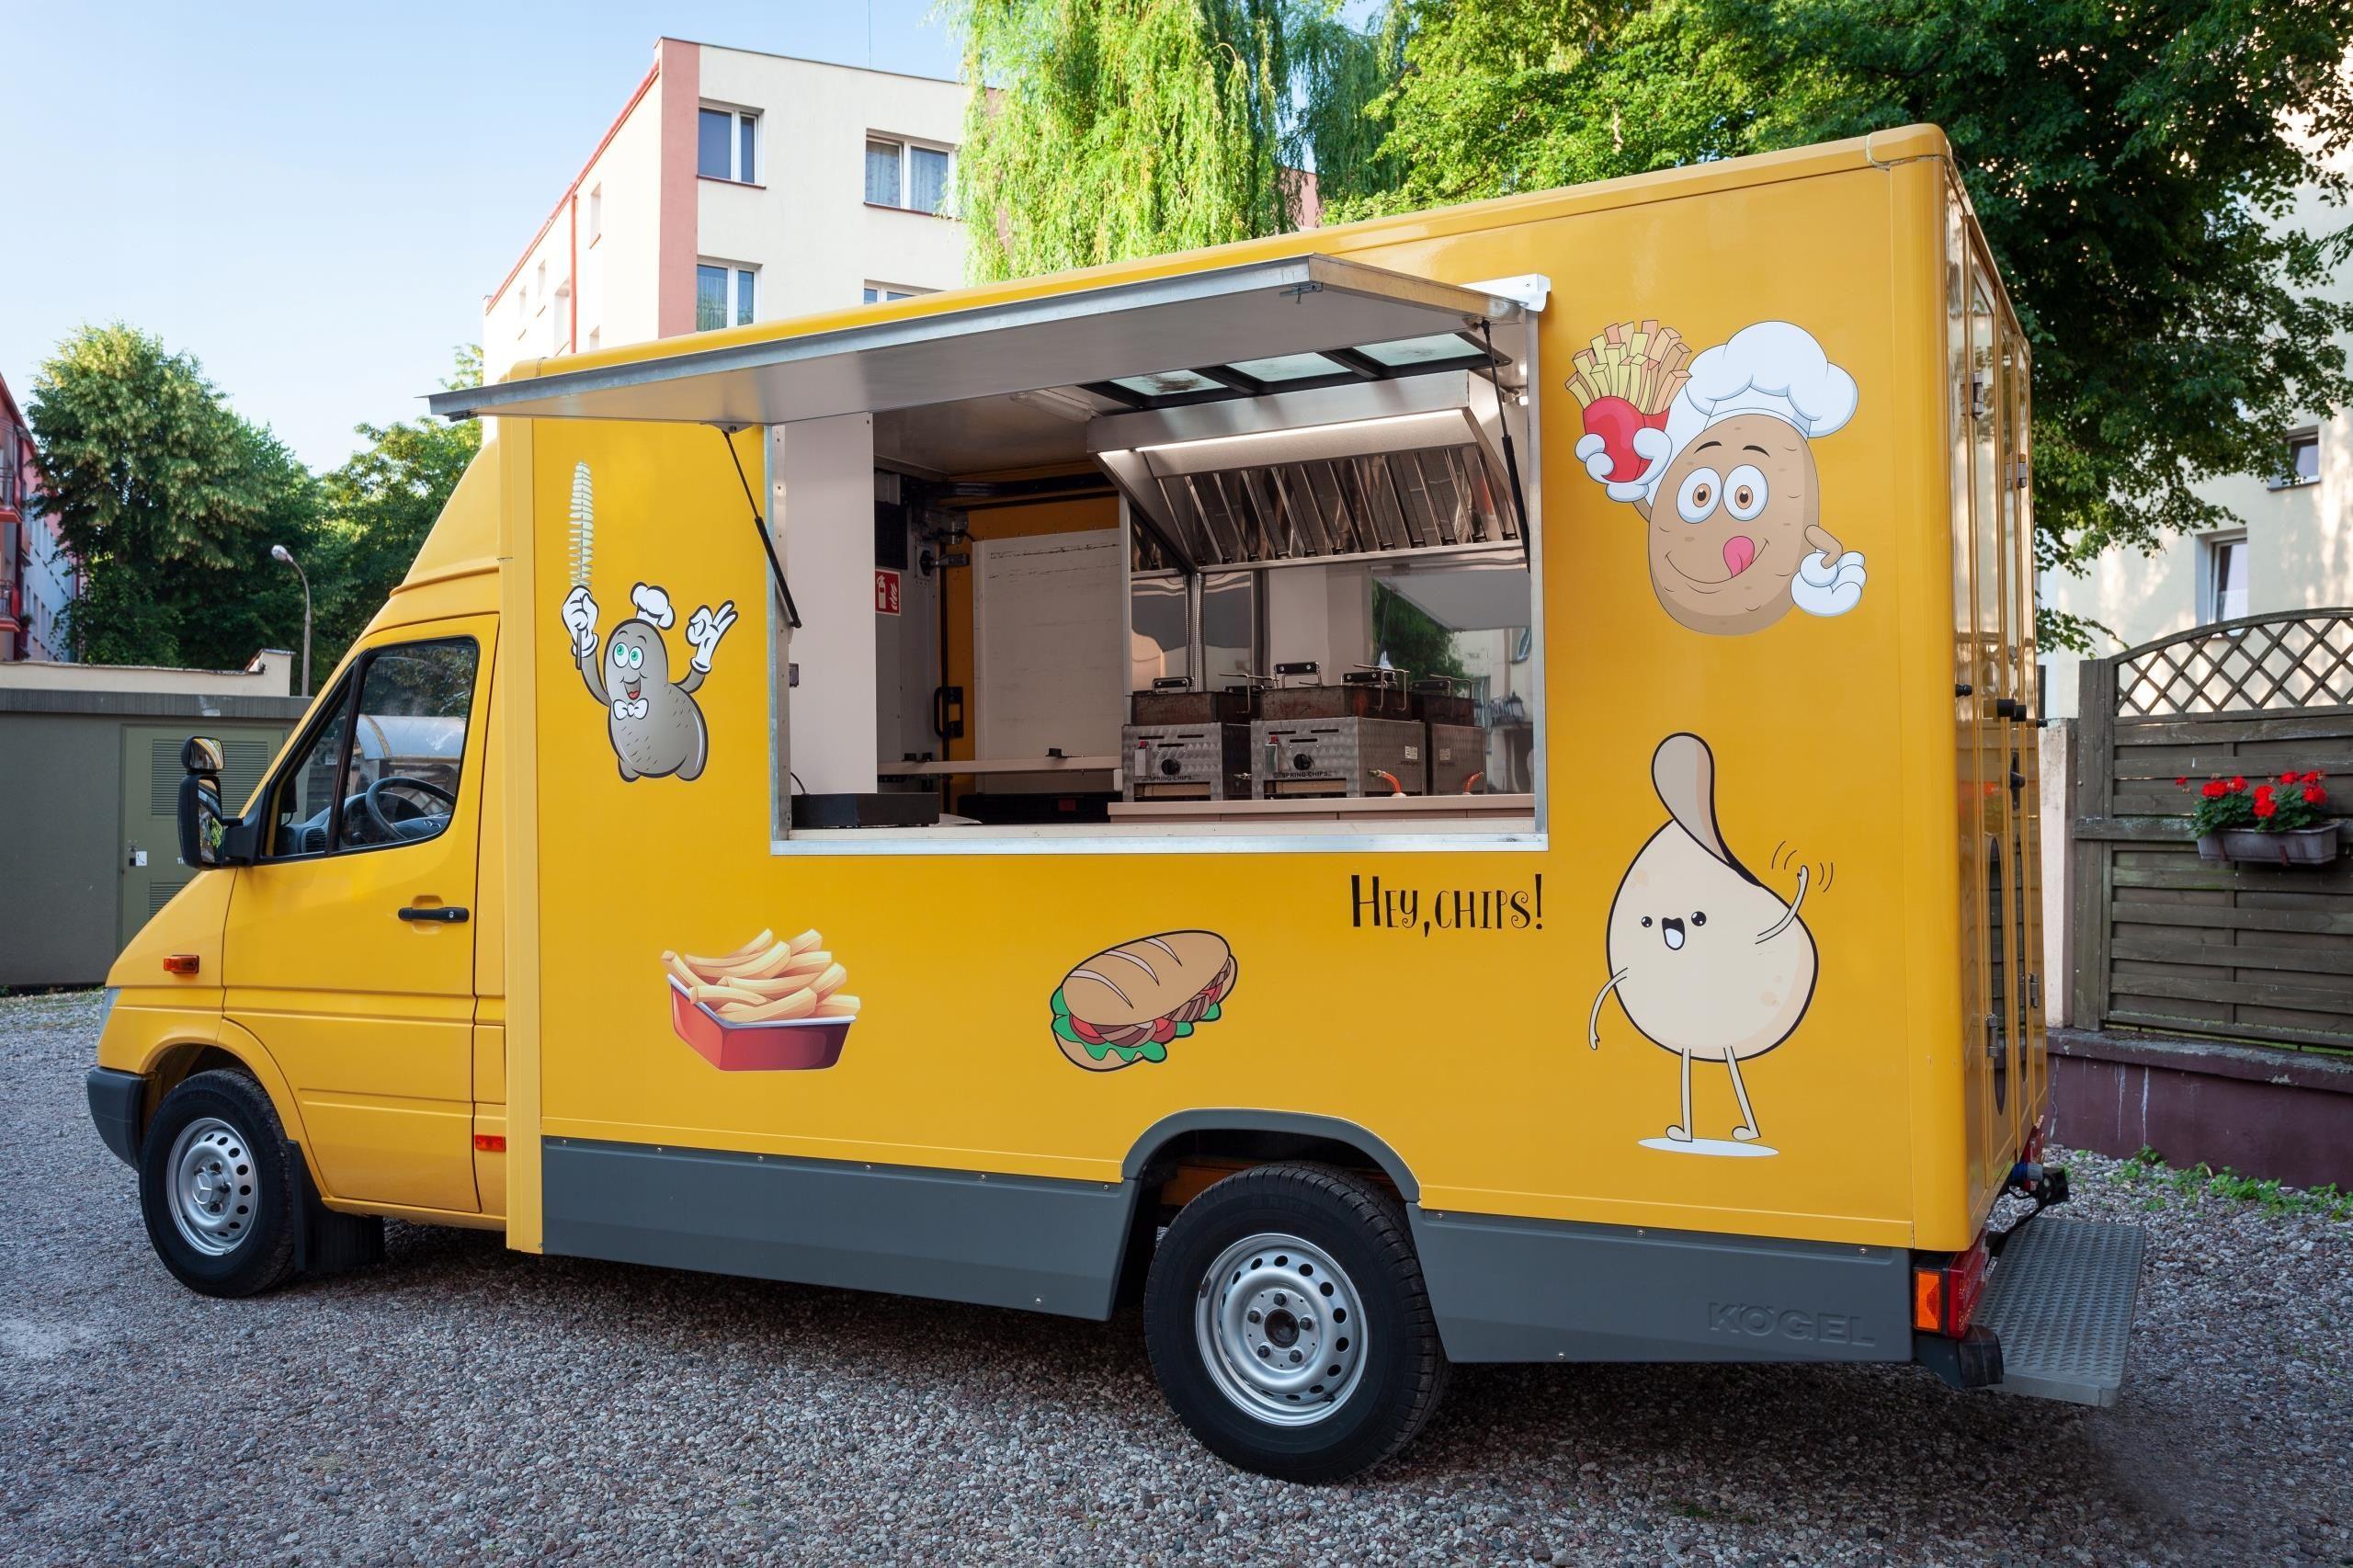 Samochod Gastronomiczny Food Truck Opinie I Ceny Na Ceneo Pl